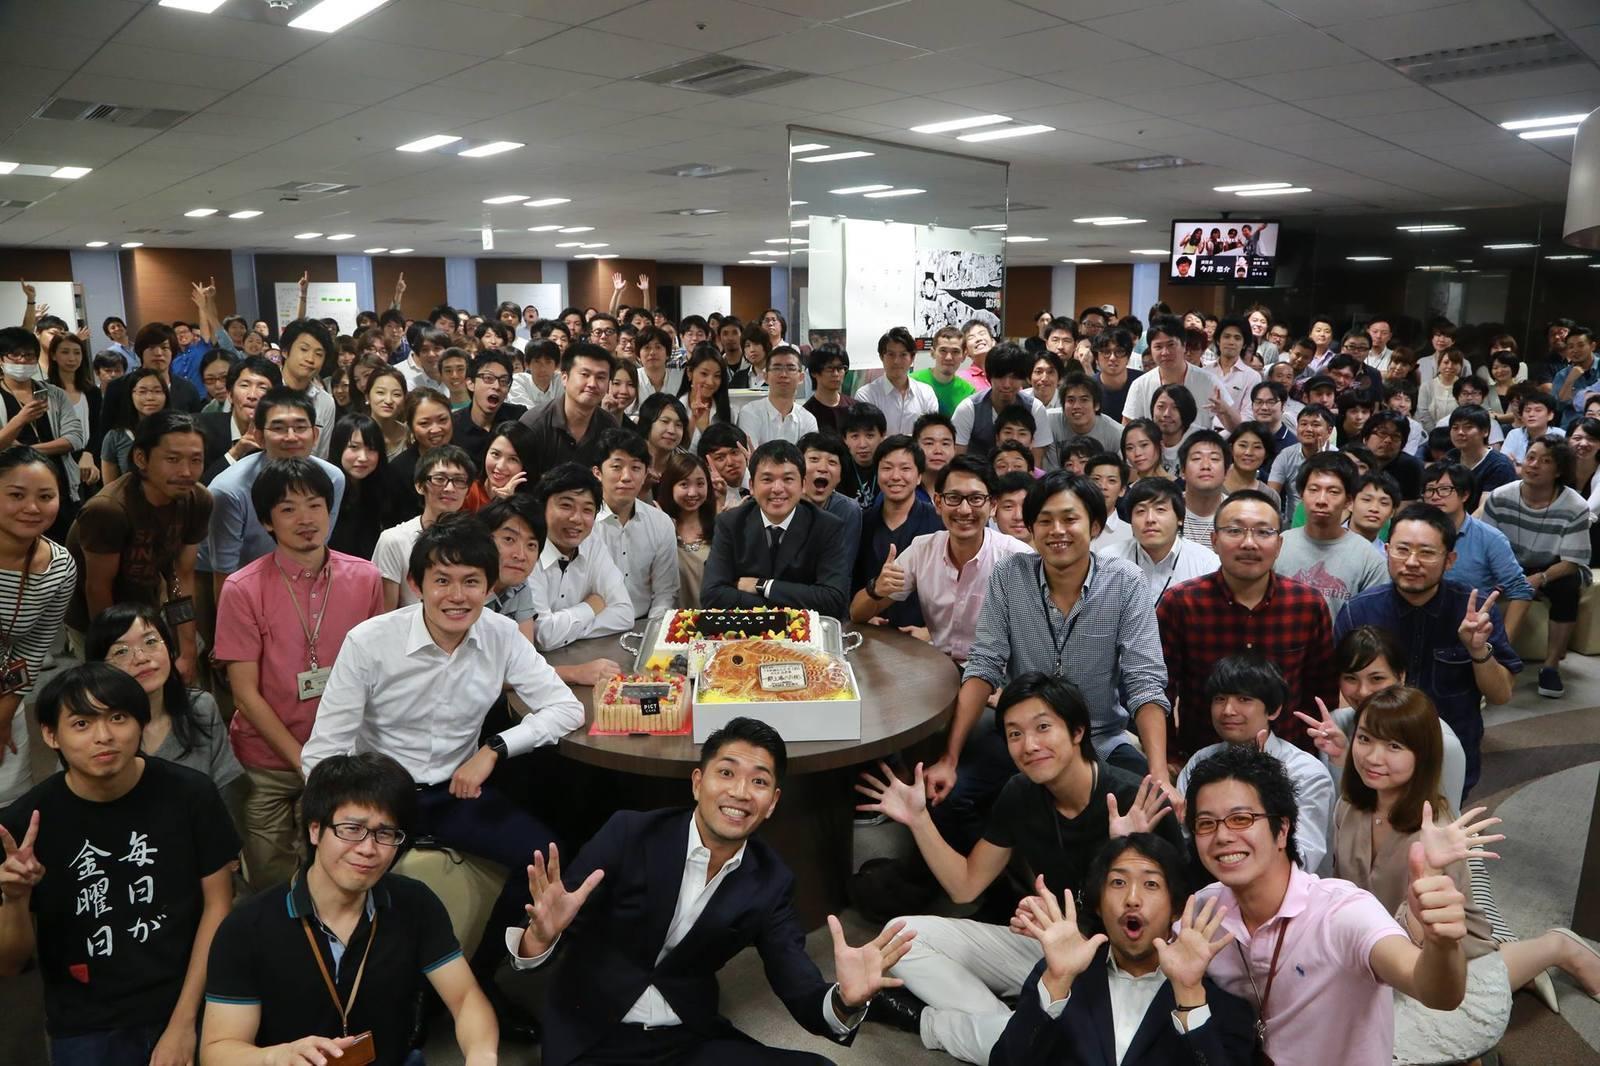 株式会社VOYAGE GROUP・国内屈指のモバイル広告プラットフォームをさらに進化させるエンジニア募集!